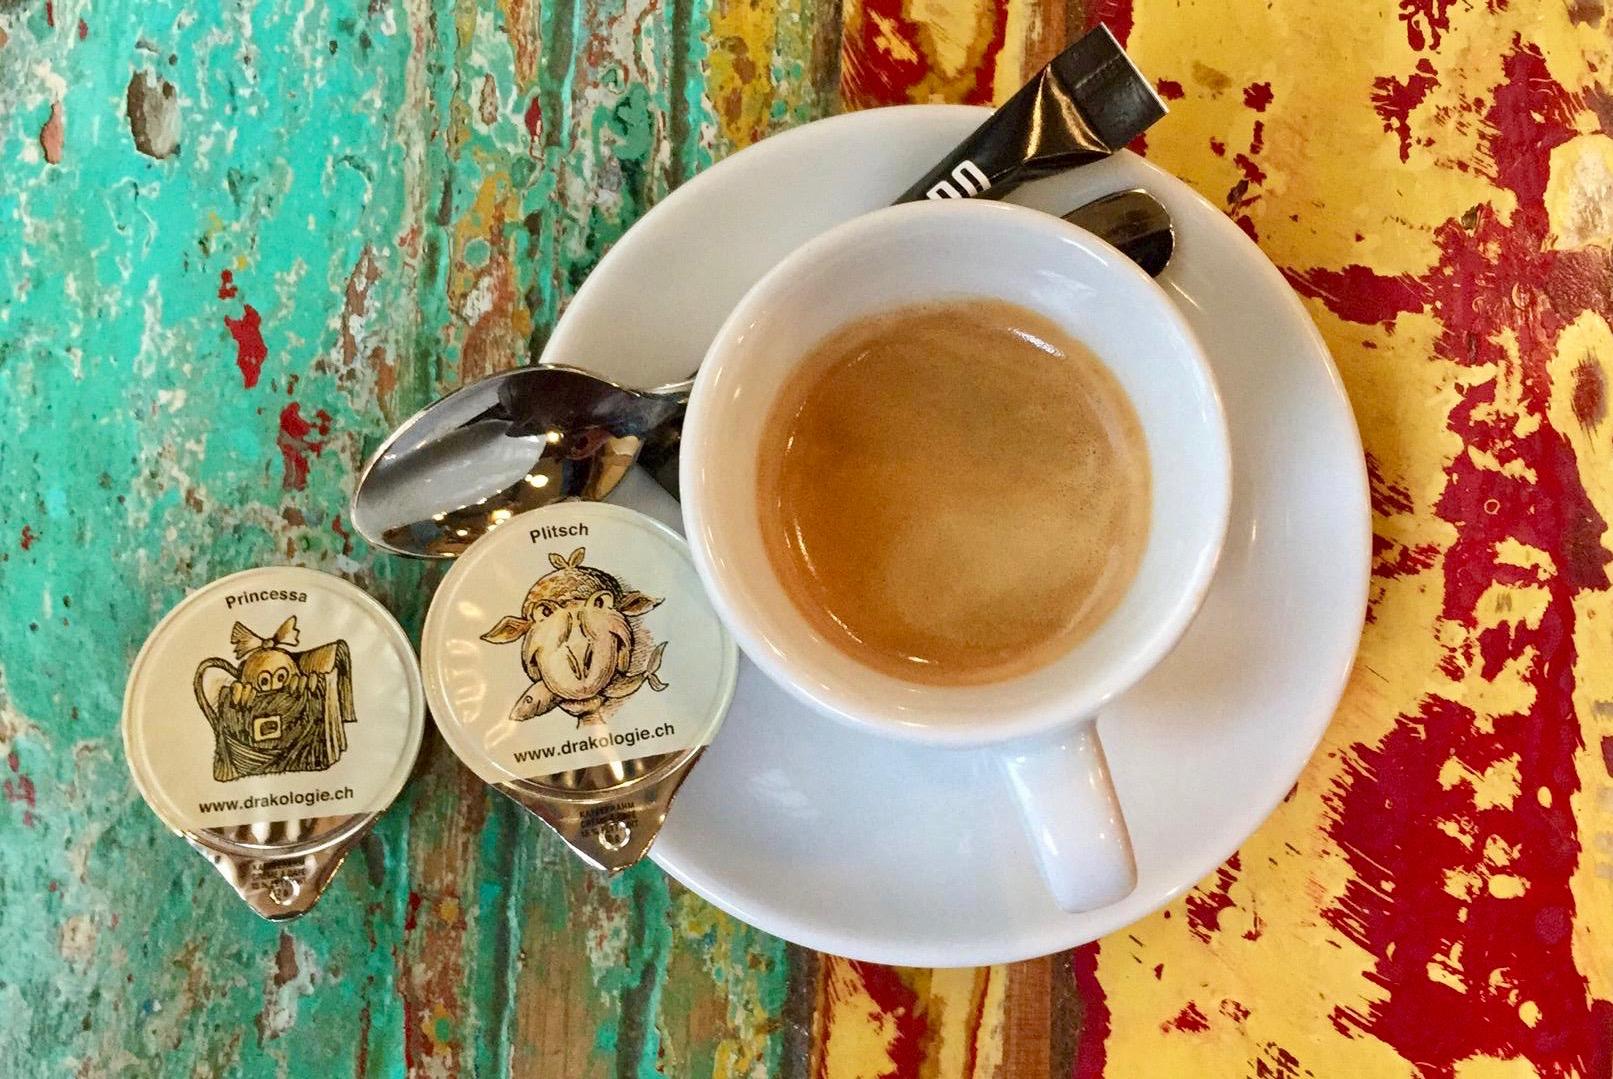 Seetaler Kaffeerähmli - Das Warten hat ein Ende! Die Seetaler Drachen fliegen in Form von Emmi-Kaffeerahmdeckeli durch die ganze Schweiz. Wie hübsch sie aussehen! Sammle, mach mit beim Wettbewerb und gewinne drachenstarke Preise, wie es sie nur im Seetal geben kann.